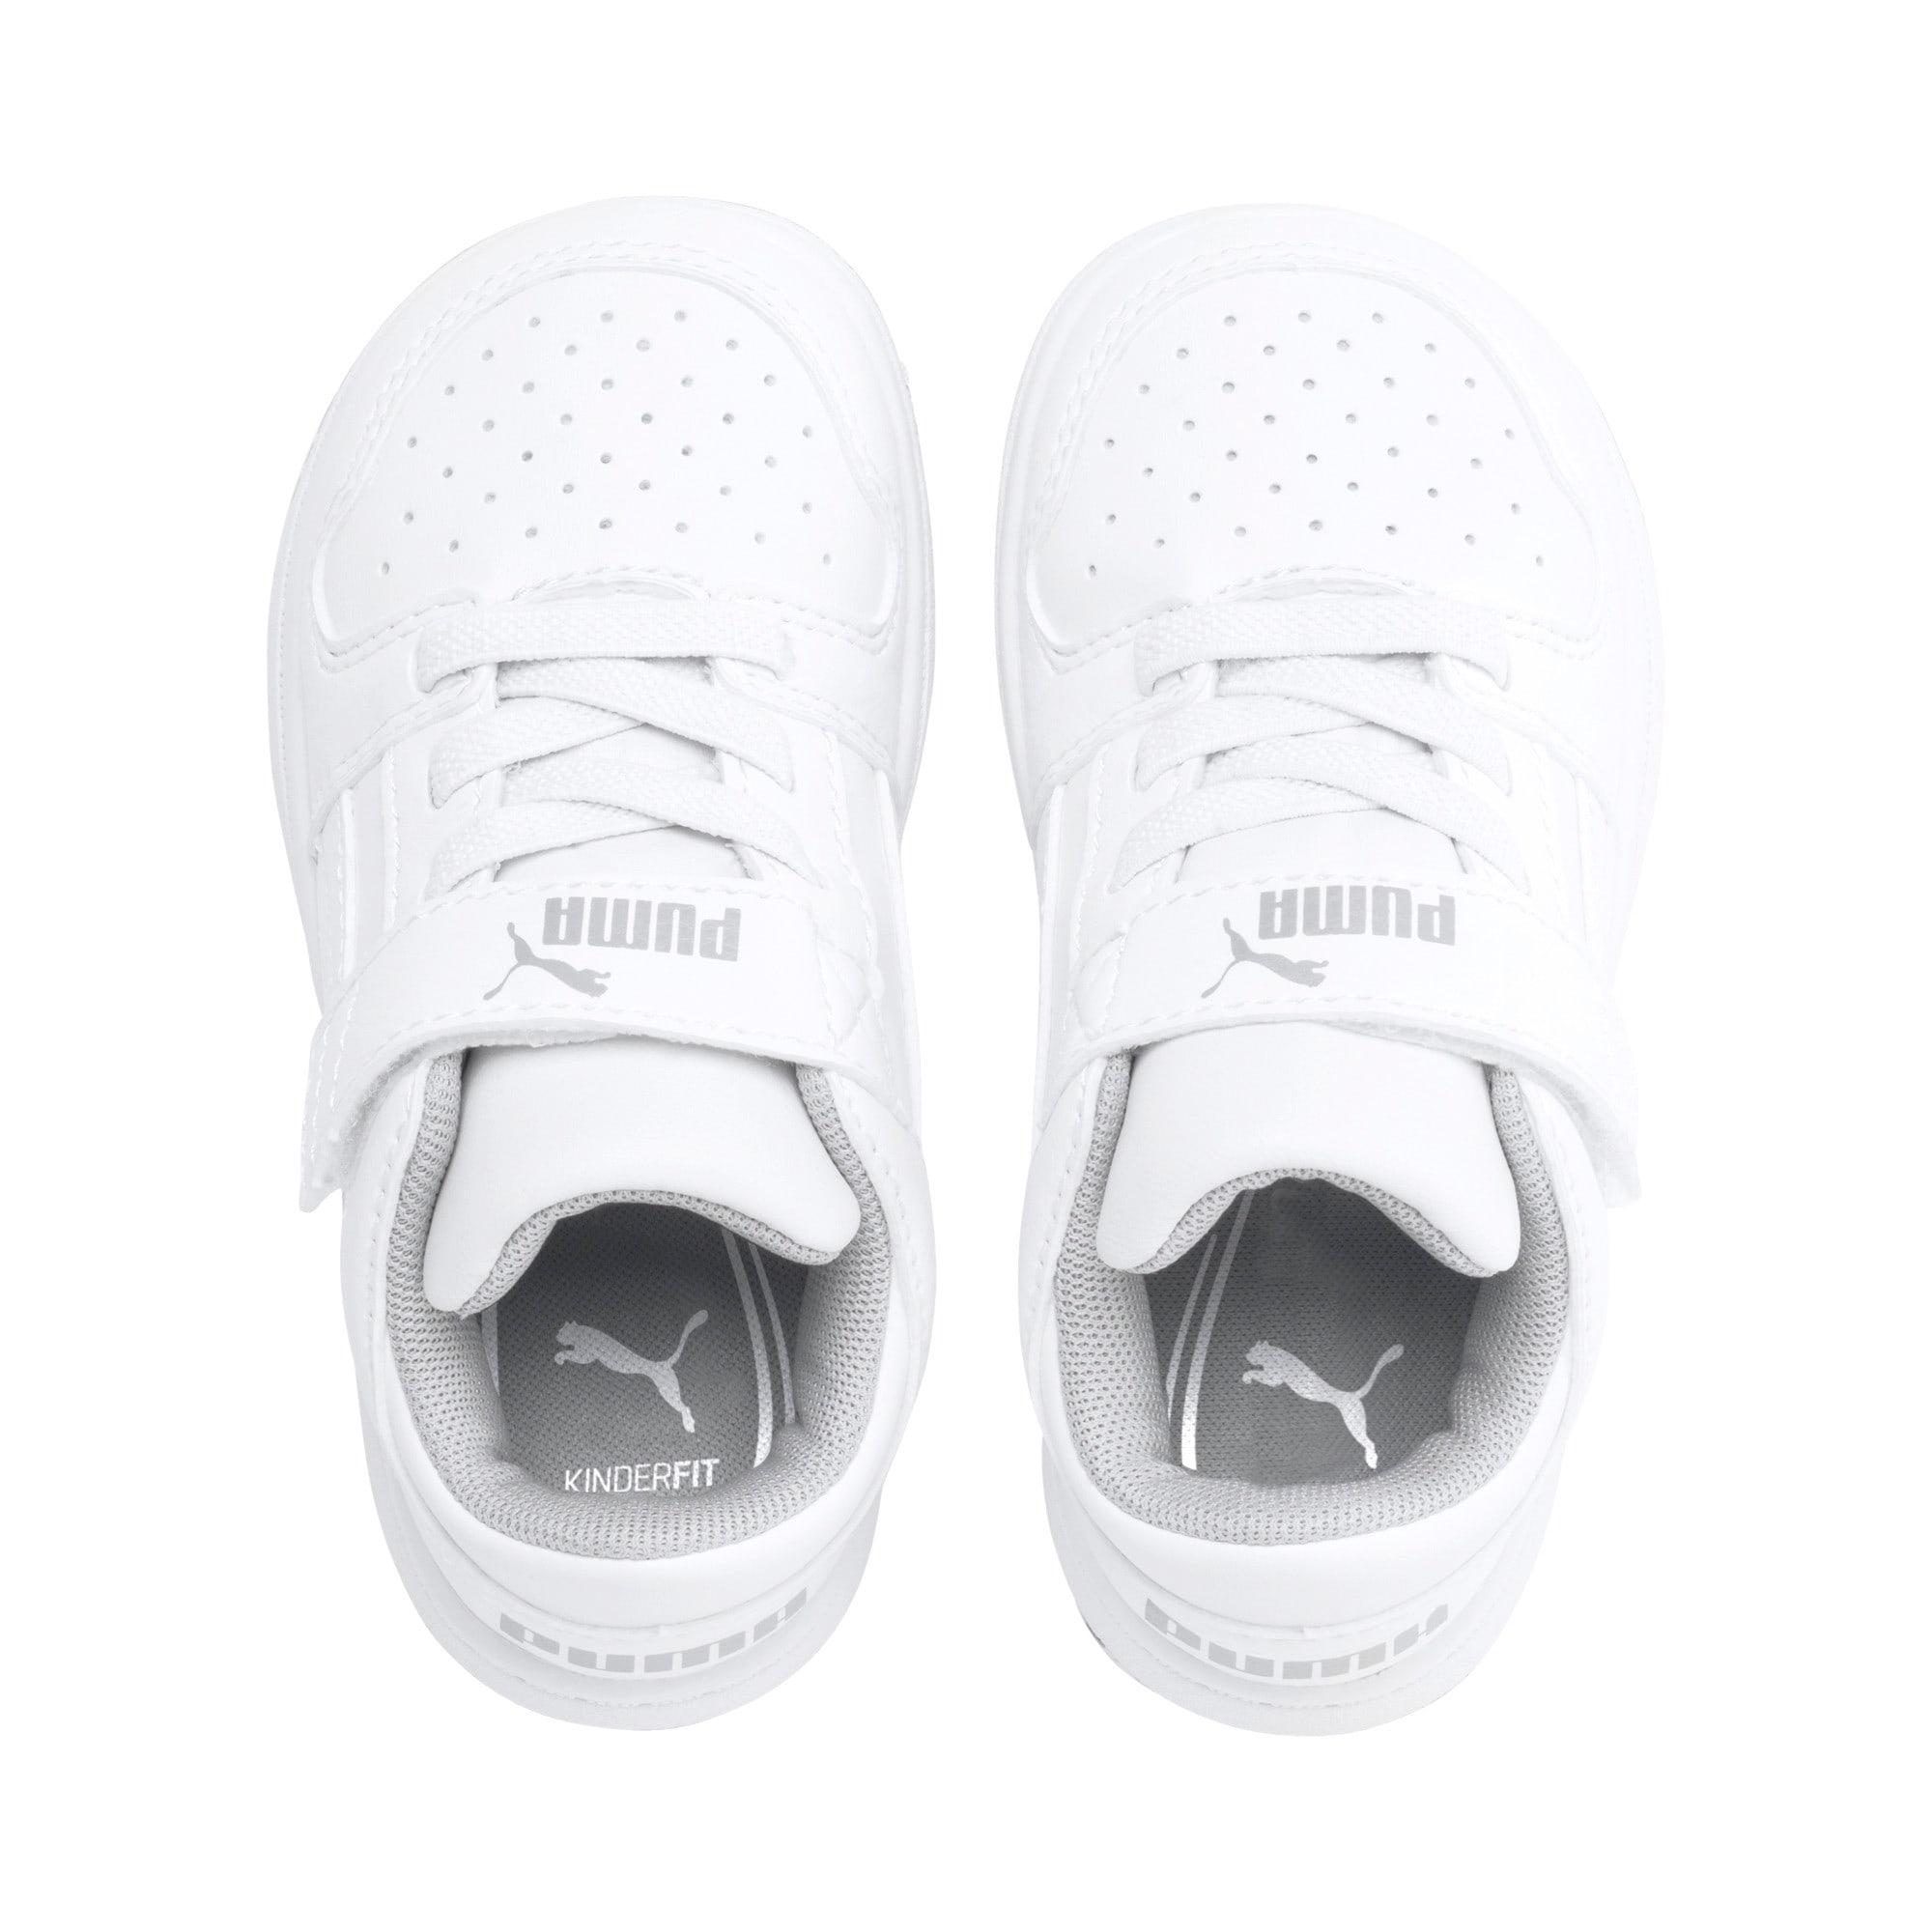 Miniatura 6 de Zapatos deportivos PUMA Rebound LayUp Lo para INF, Puma White-High Rise, mediano